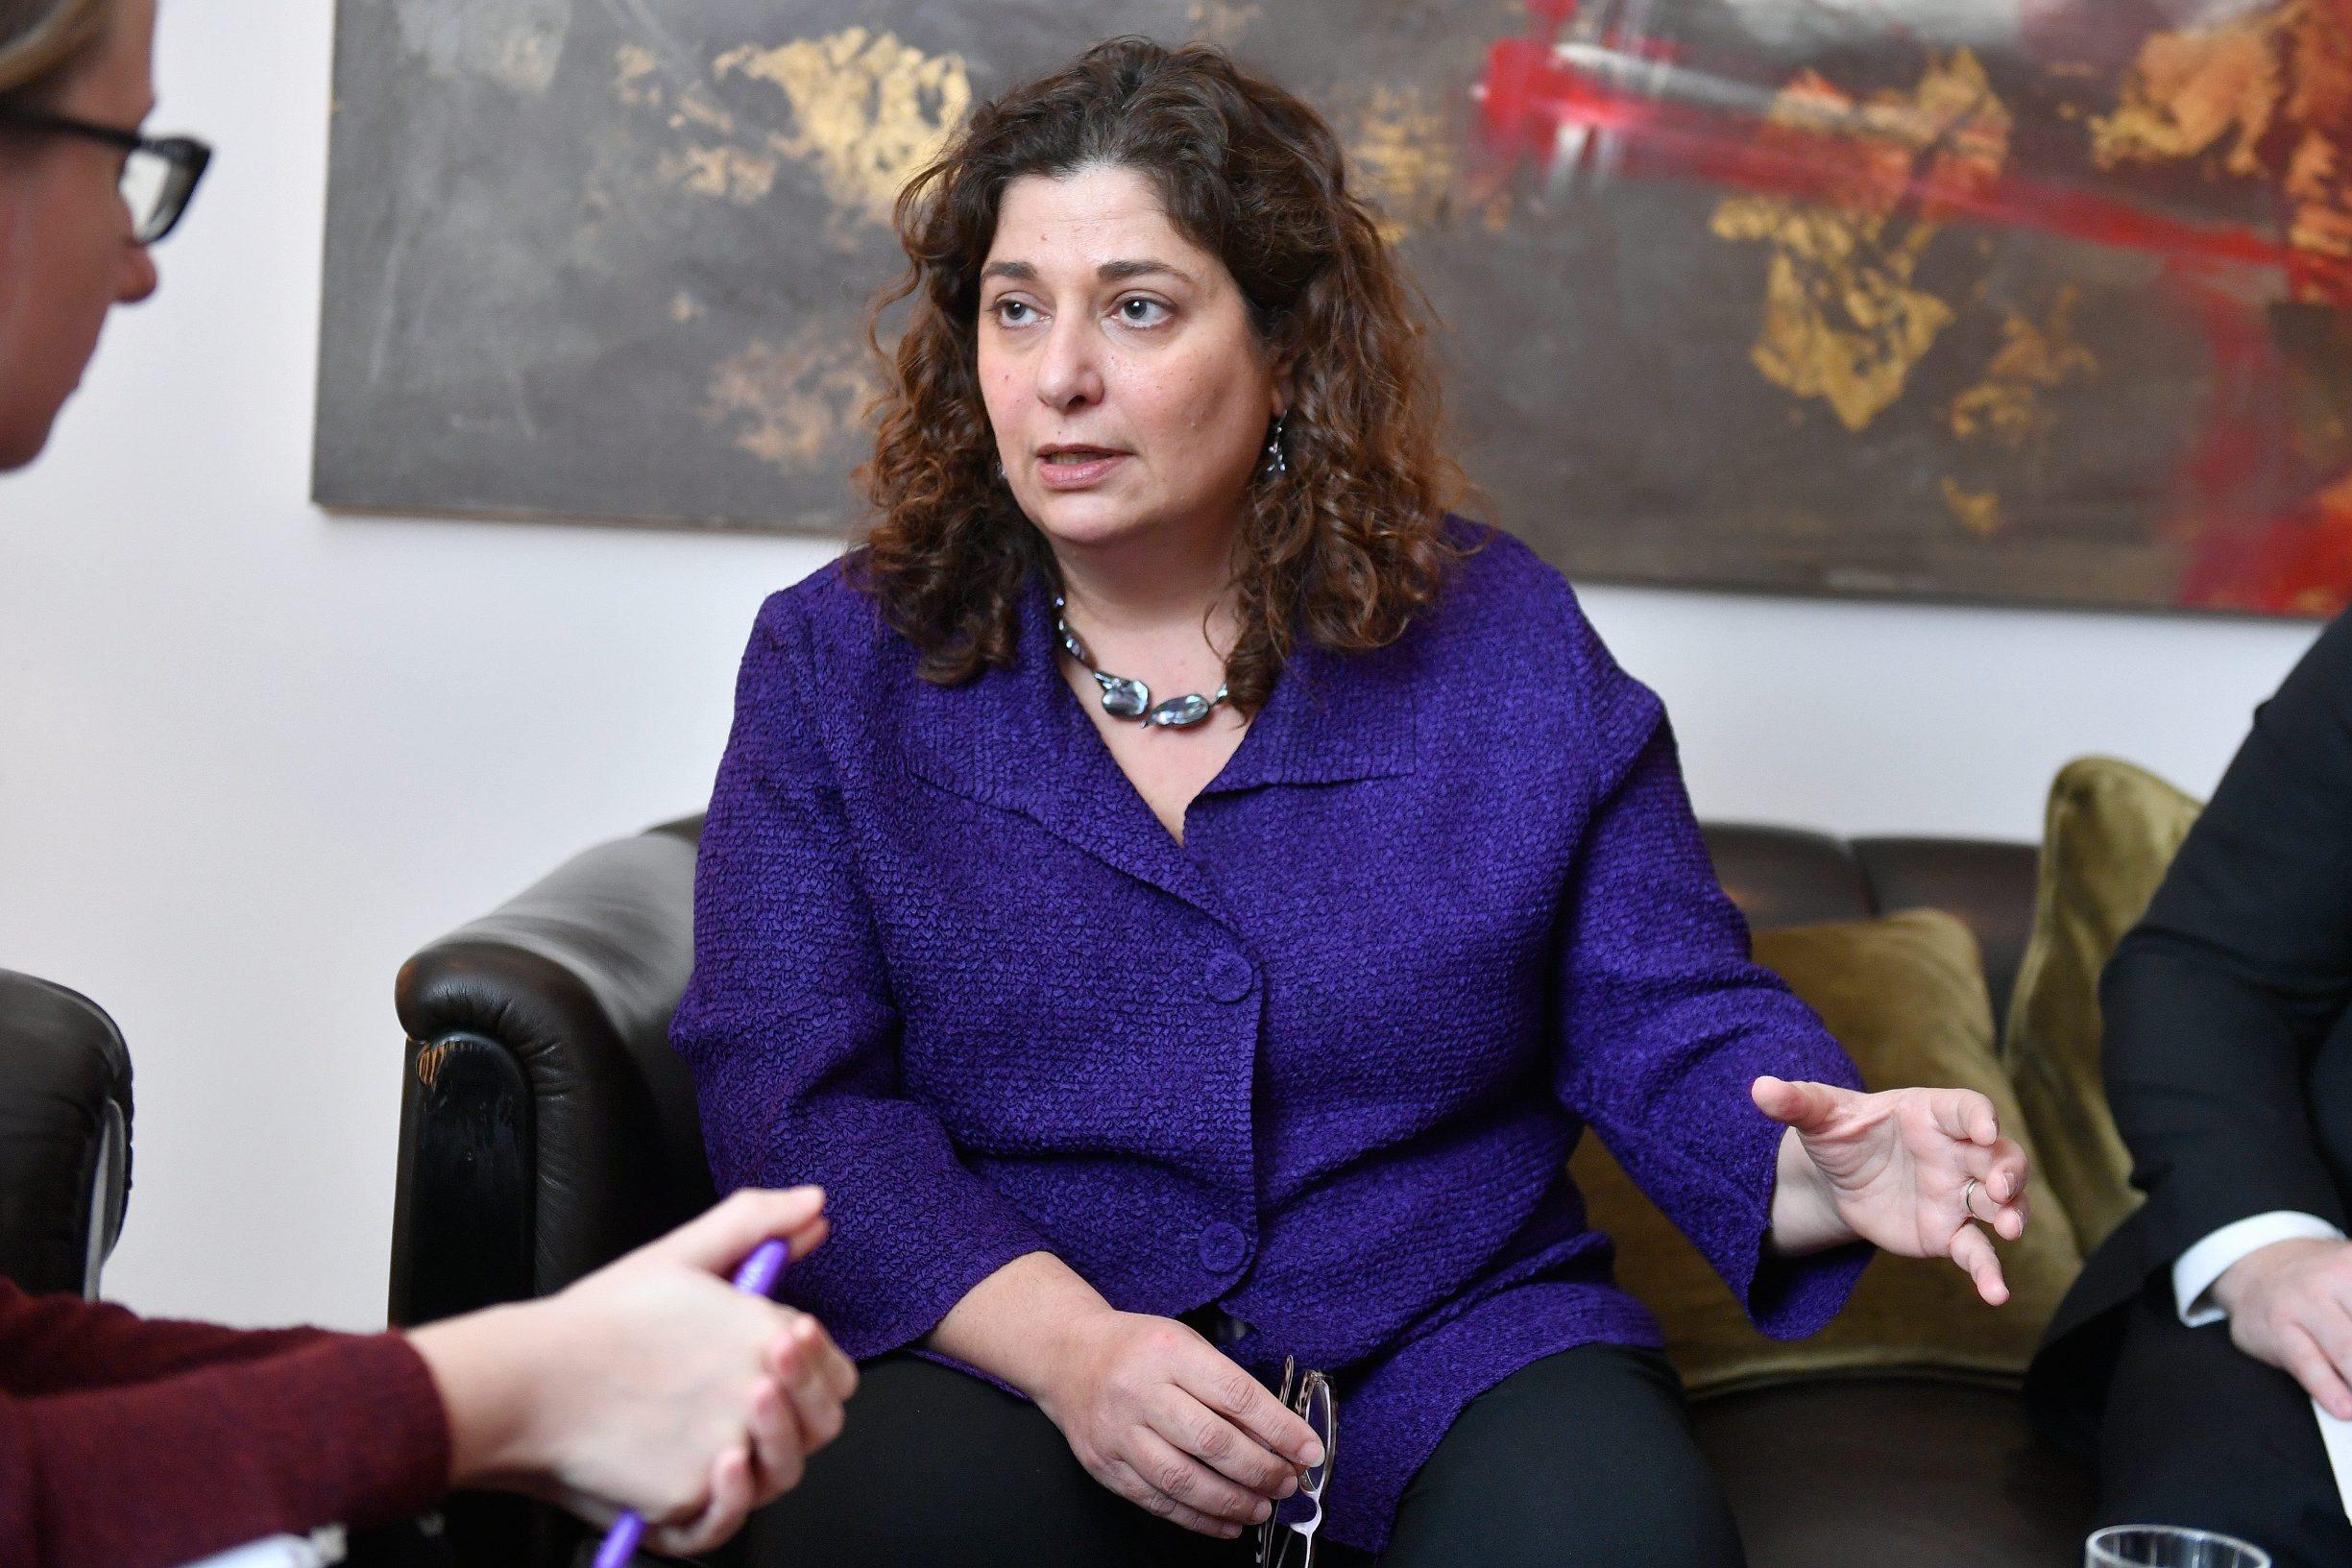 Cherrie Daniels, posebna izaslanica američke Vlade za pitanja holokausta